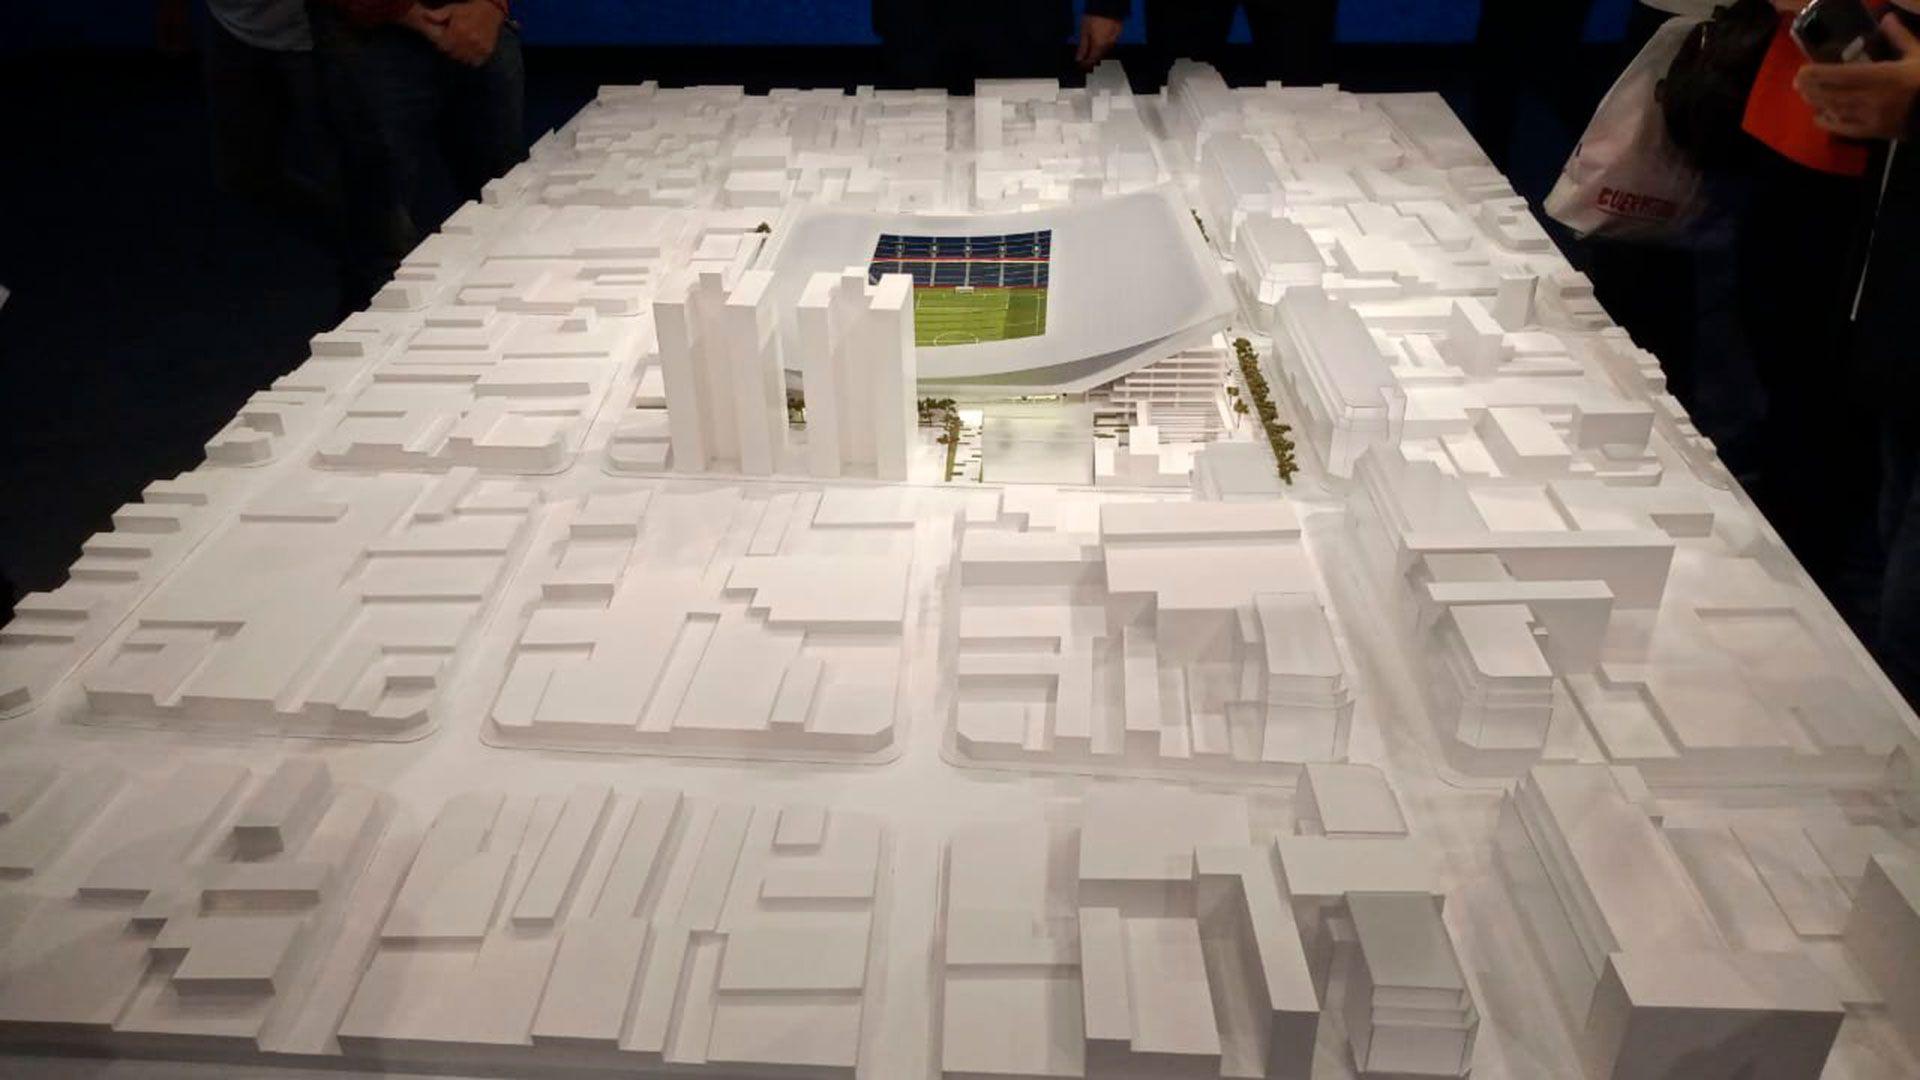 presentación de la maqueta del nuevo estadio de San Lorenzo en Boedo